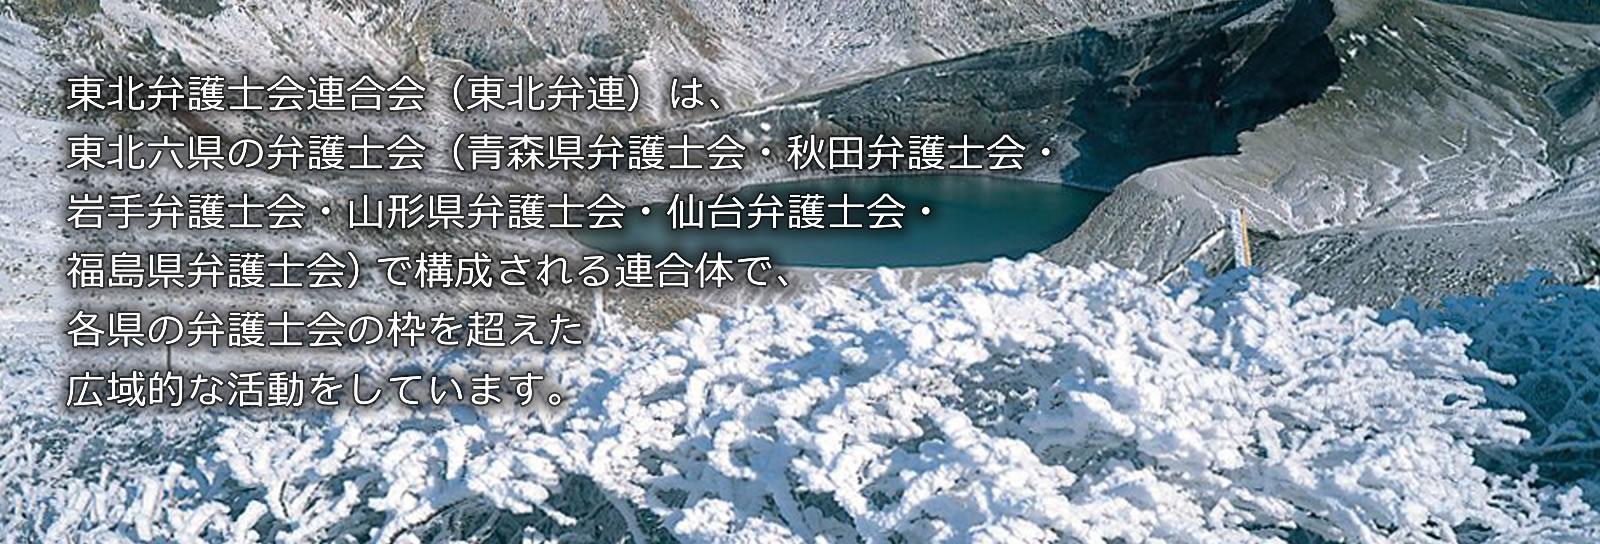 仙台弁護士会